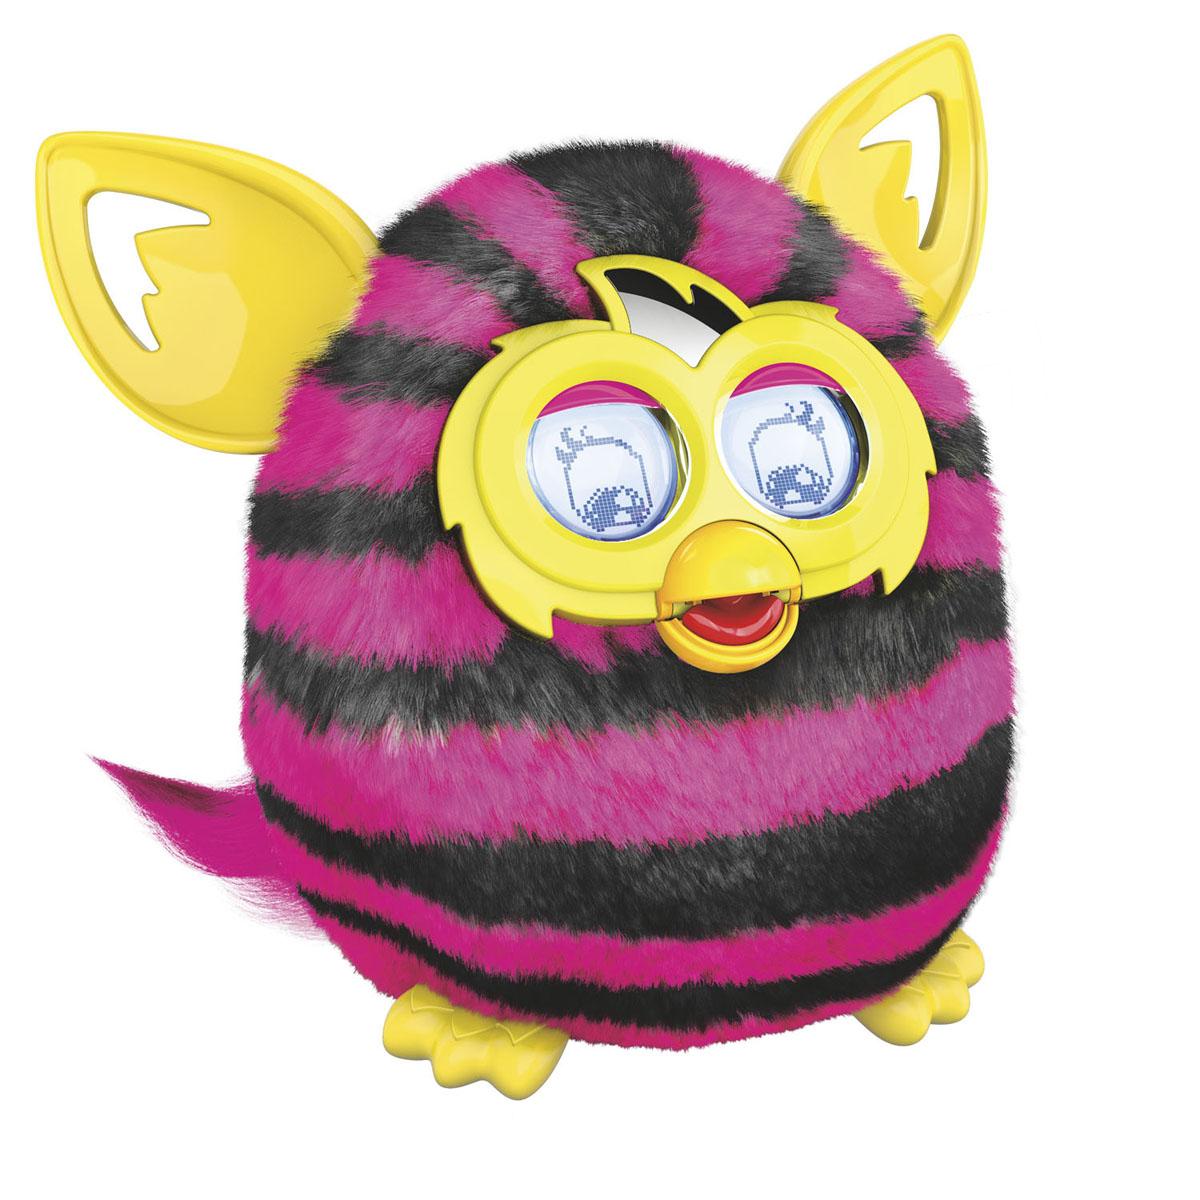 Furby (Фёрби) Boom Интерактивная игрушка Теплая волна (Рисунок горизонтальная полоска)